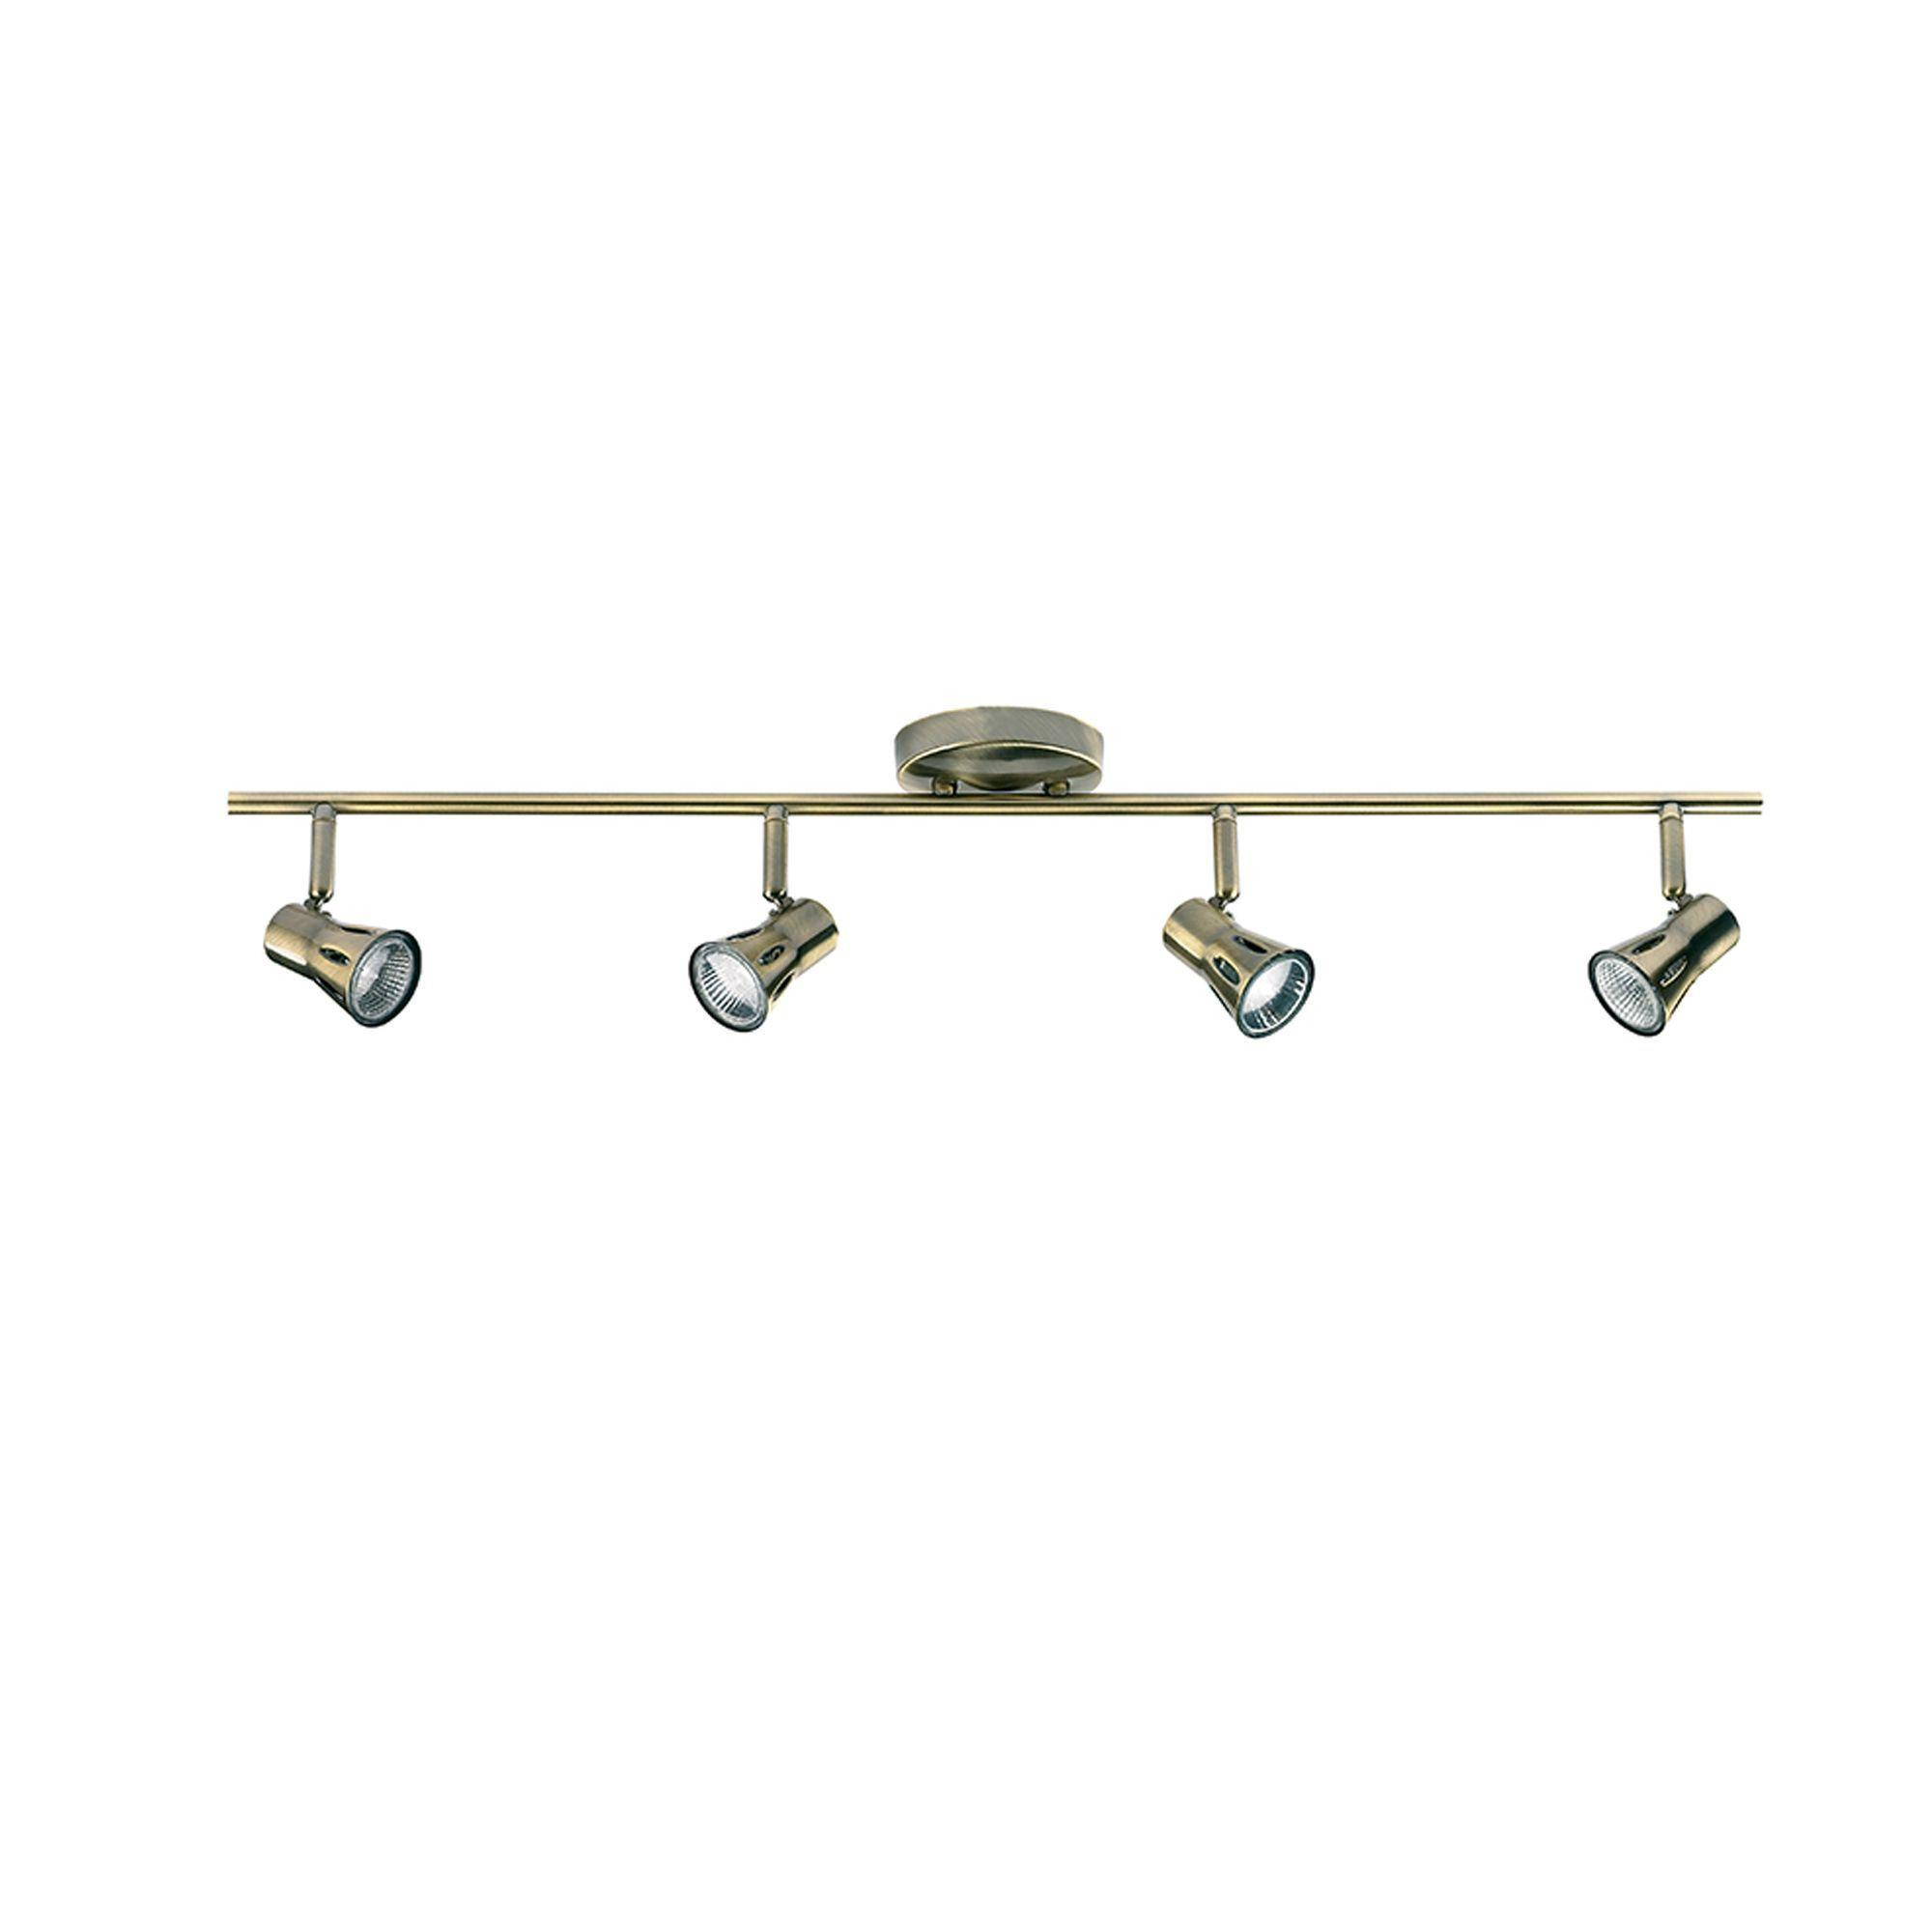 antique brass 4 spot light bar ceiling lights cookes furniture